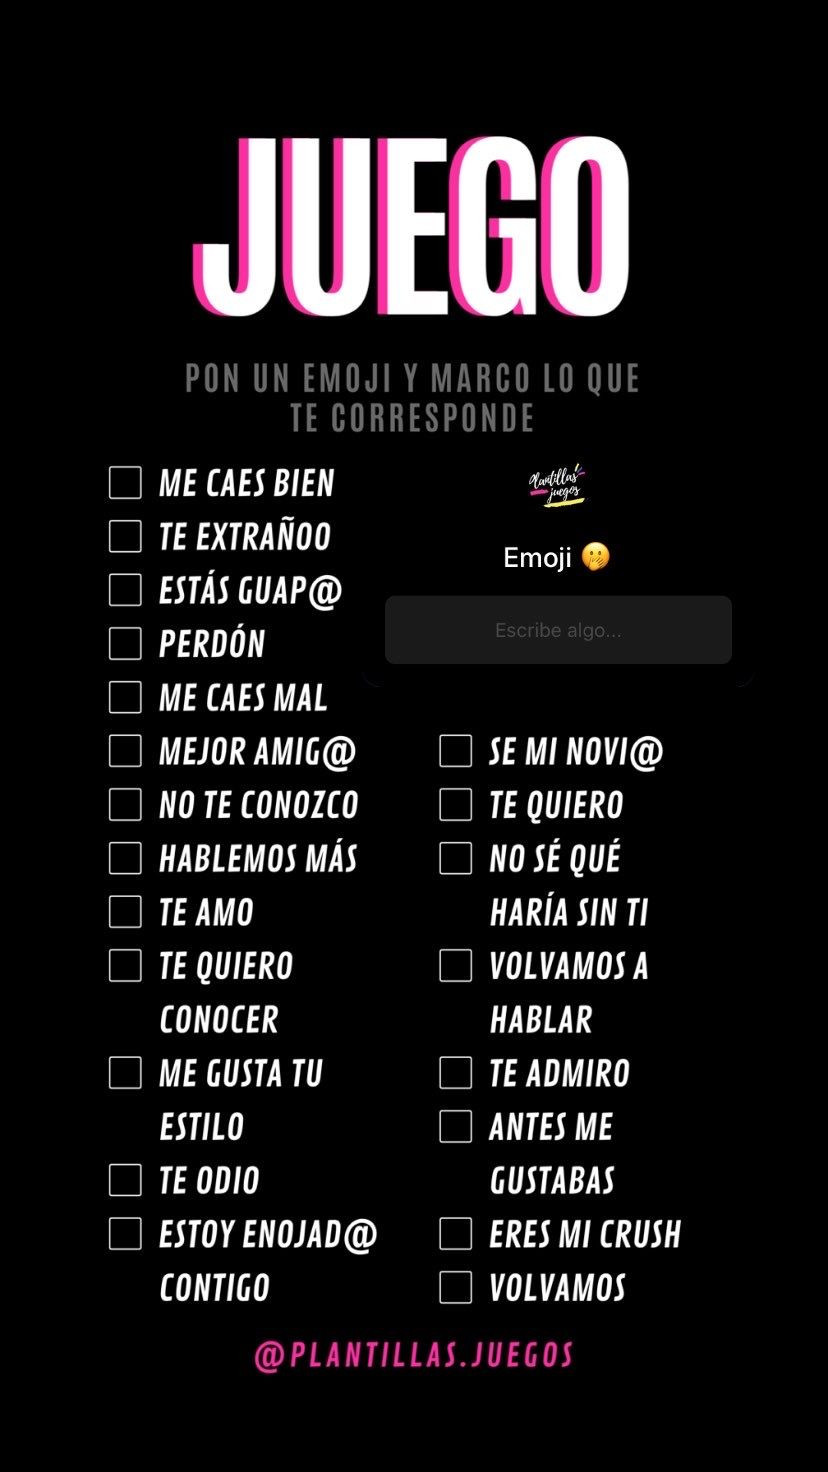 Photo of ¿Qué emoji me pertenece? Juego de historia de Instagram